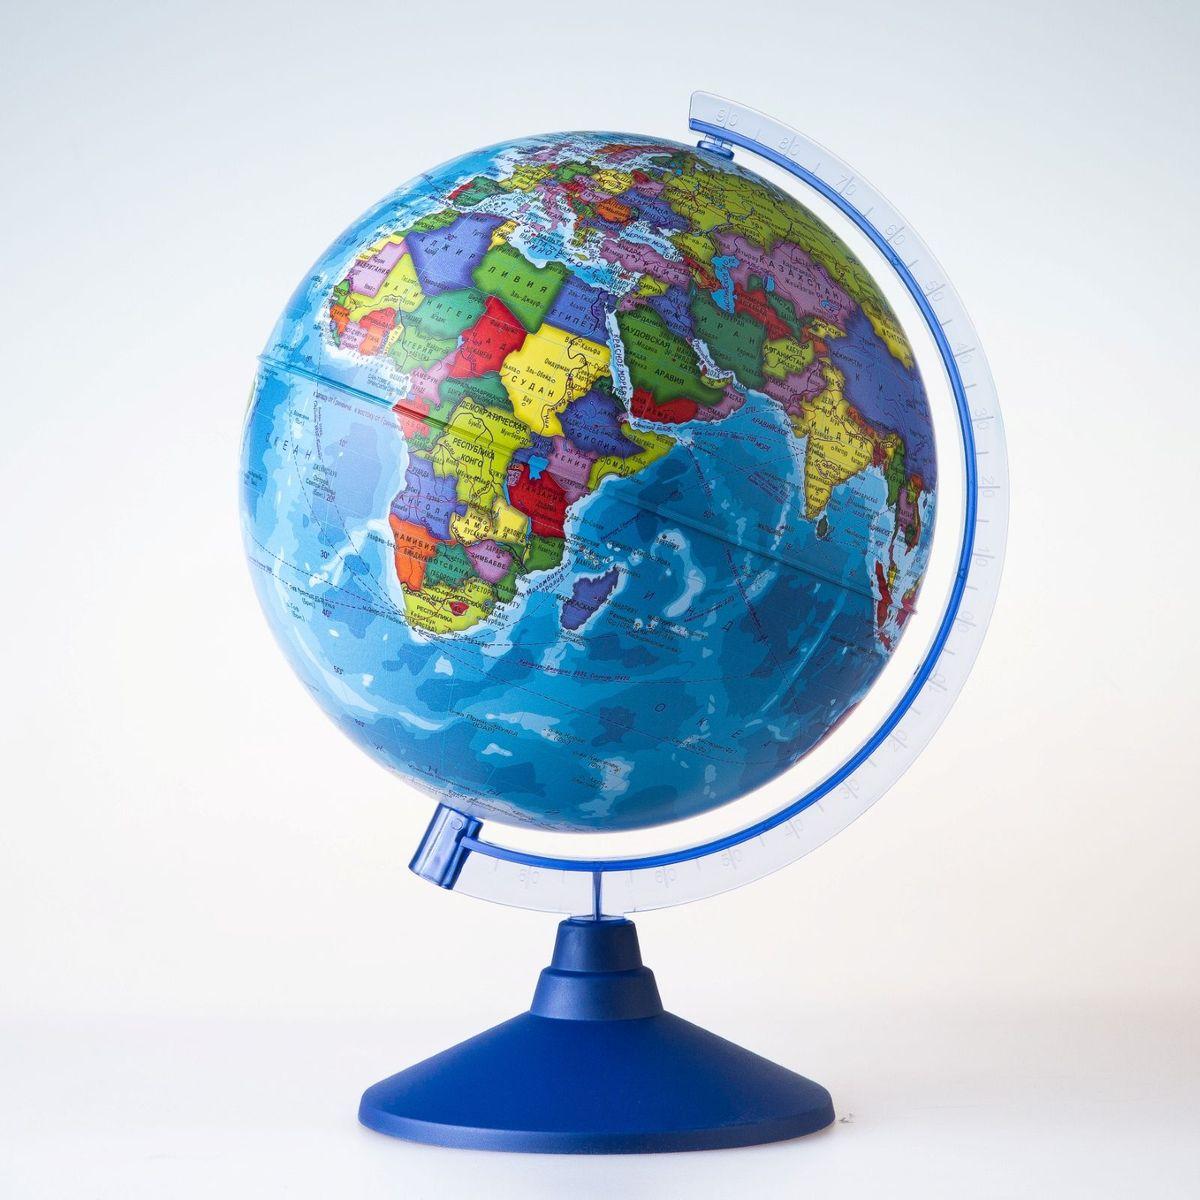 Глобен Глобус политический Классик Евро диаметр 25 см1072902Глобус для всех, глобус каждому! Глобус — самый простой способ привить ребенку любовь к географии. Он является отличным наглядным примером, который способен в игровой доступной и понятной форме объяснить понятия о планете Земля. Также интерес к глобусам проявляют не только детки, но и взрослые. Для многих уменьшенная копия планеты заменяет атлас мира из-за своей доступности и универсальности. Умный подарок! Кому принято дарить глобусы? Всем! Глобус политический диаметр 250мм Классик Евро — это уменьшенная копия земного шара, в которой каждый найдет для себя что-то свое. путешественники и заядлые туристы смогут отмечать с помощью стикеров те места, в которых побывали или собираются их посетить деловые и успешные люди оценят такой подарок по достоинству, потому что глобус ассоциируется со статусом и властью преподаватели, ученые, студенты или просто неординарные личности также найдут для глобуса достойное место в своем доме. Итак, спешите...